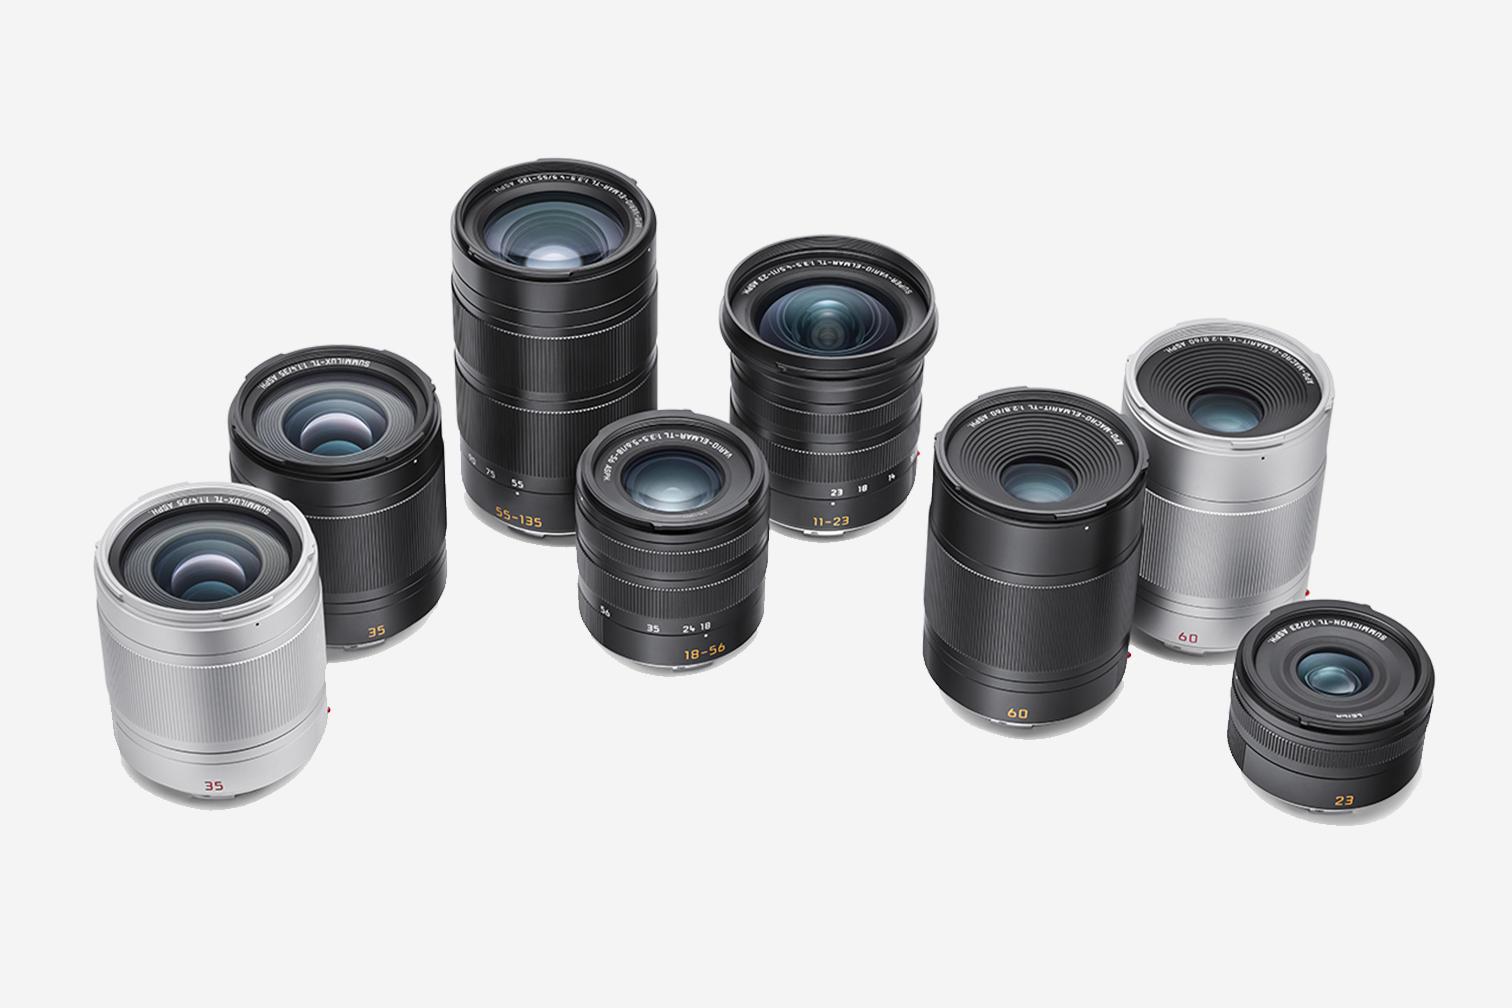 Leica_TL_lensfamily_HiRes_960-x-640_RGB_teaser-2632x1756.jpg